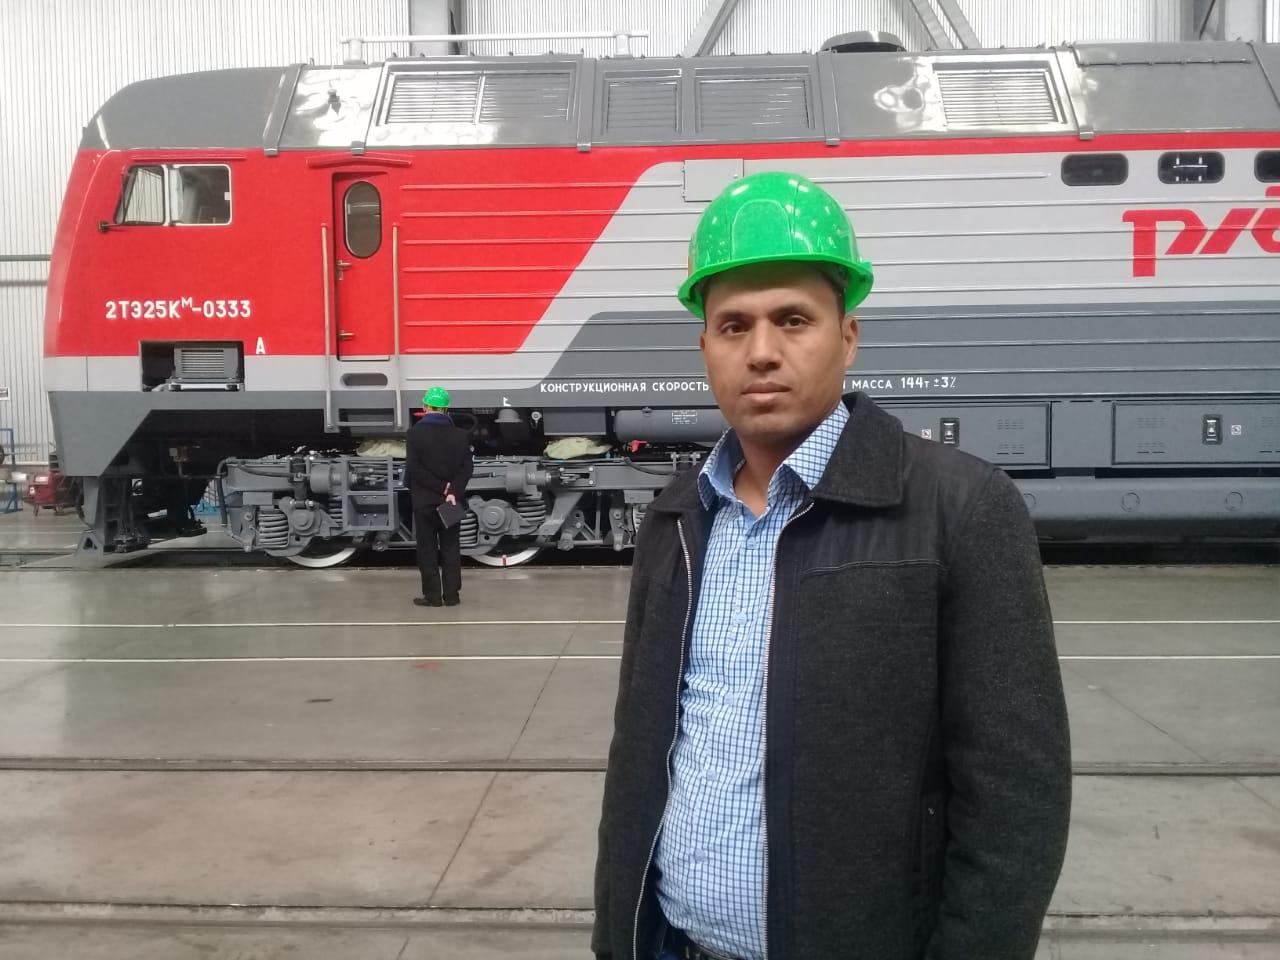 جولة لليوم السابع بمصنع جرارات السكة الحديد الروسى (1)